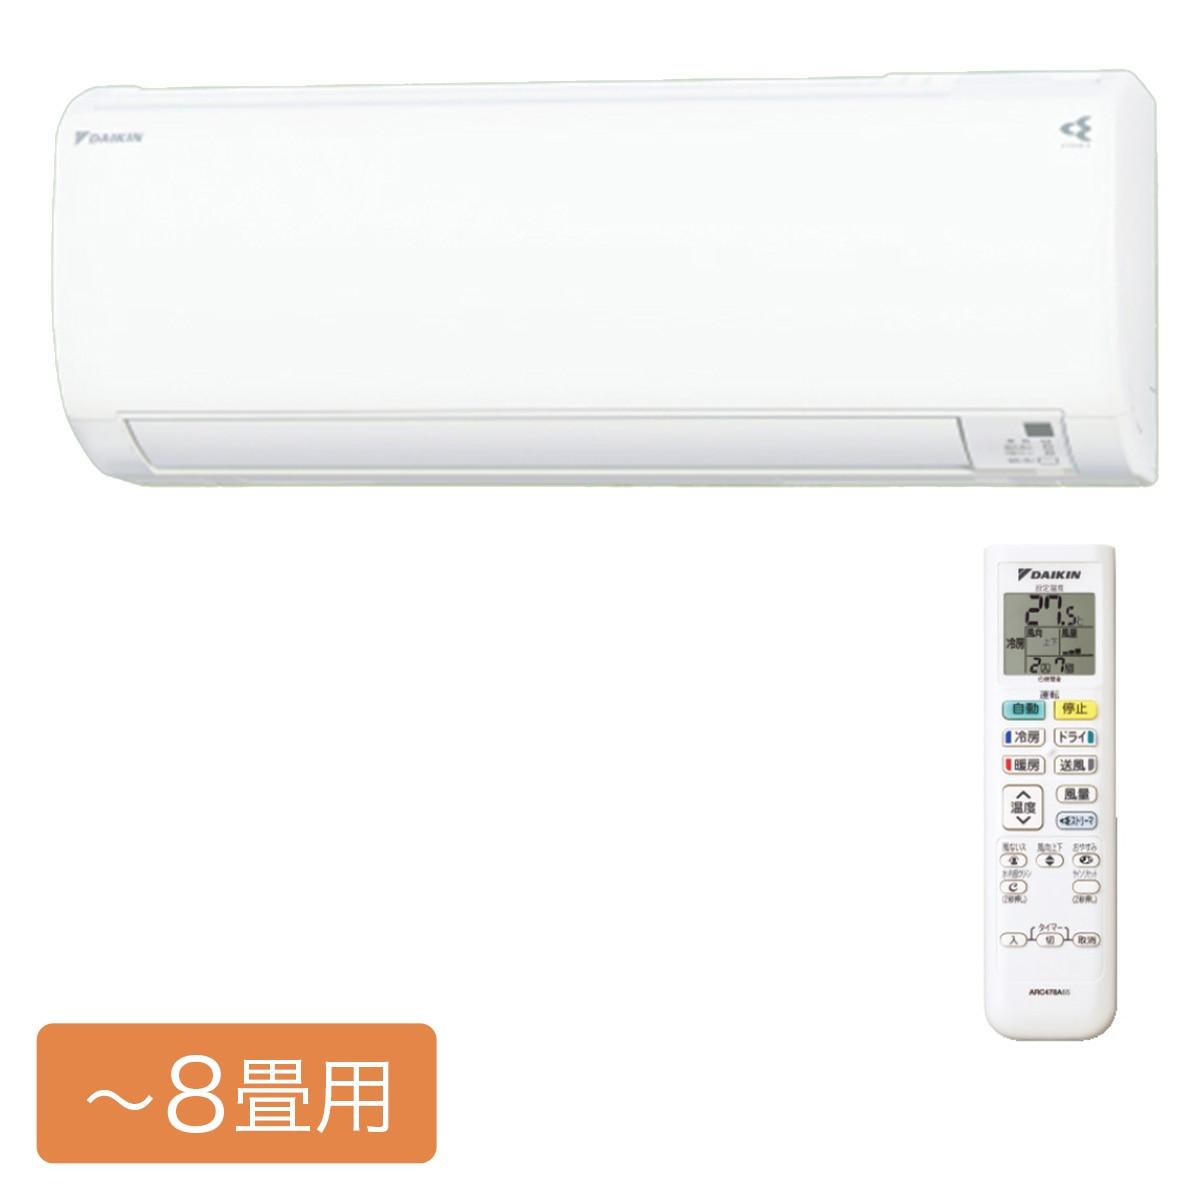 ダイキン Eシリーズ ルームエアコン おもに8畳用【大型商品(設置工事可)】 S25YTES-W